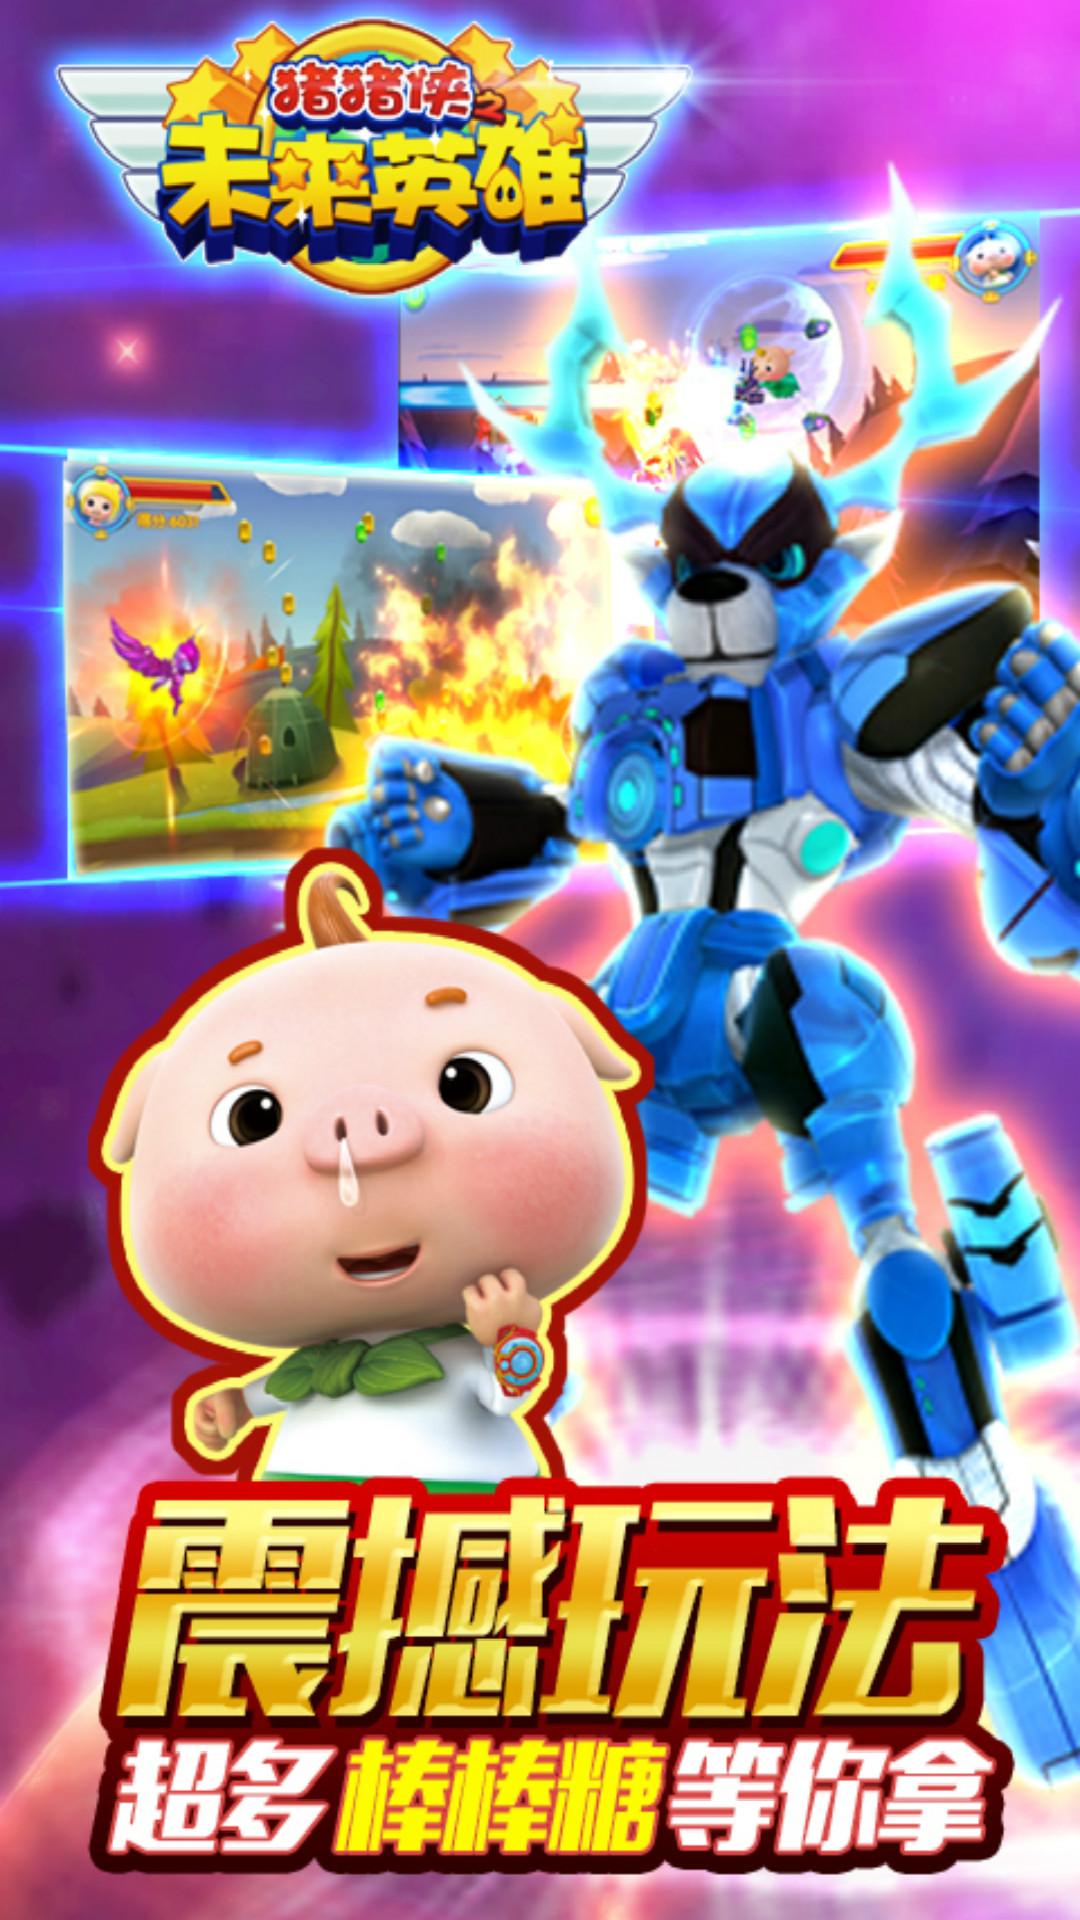 猪猪侠之未来英雄截图